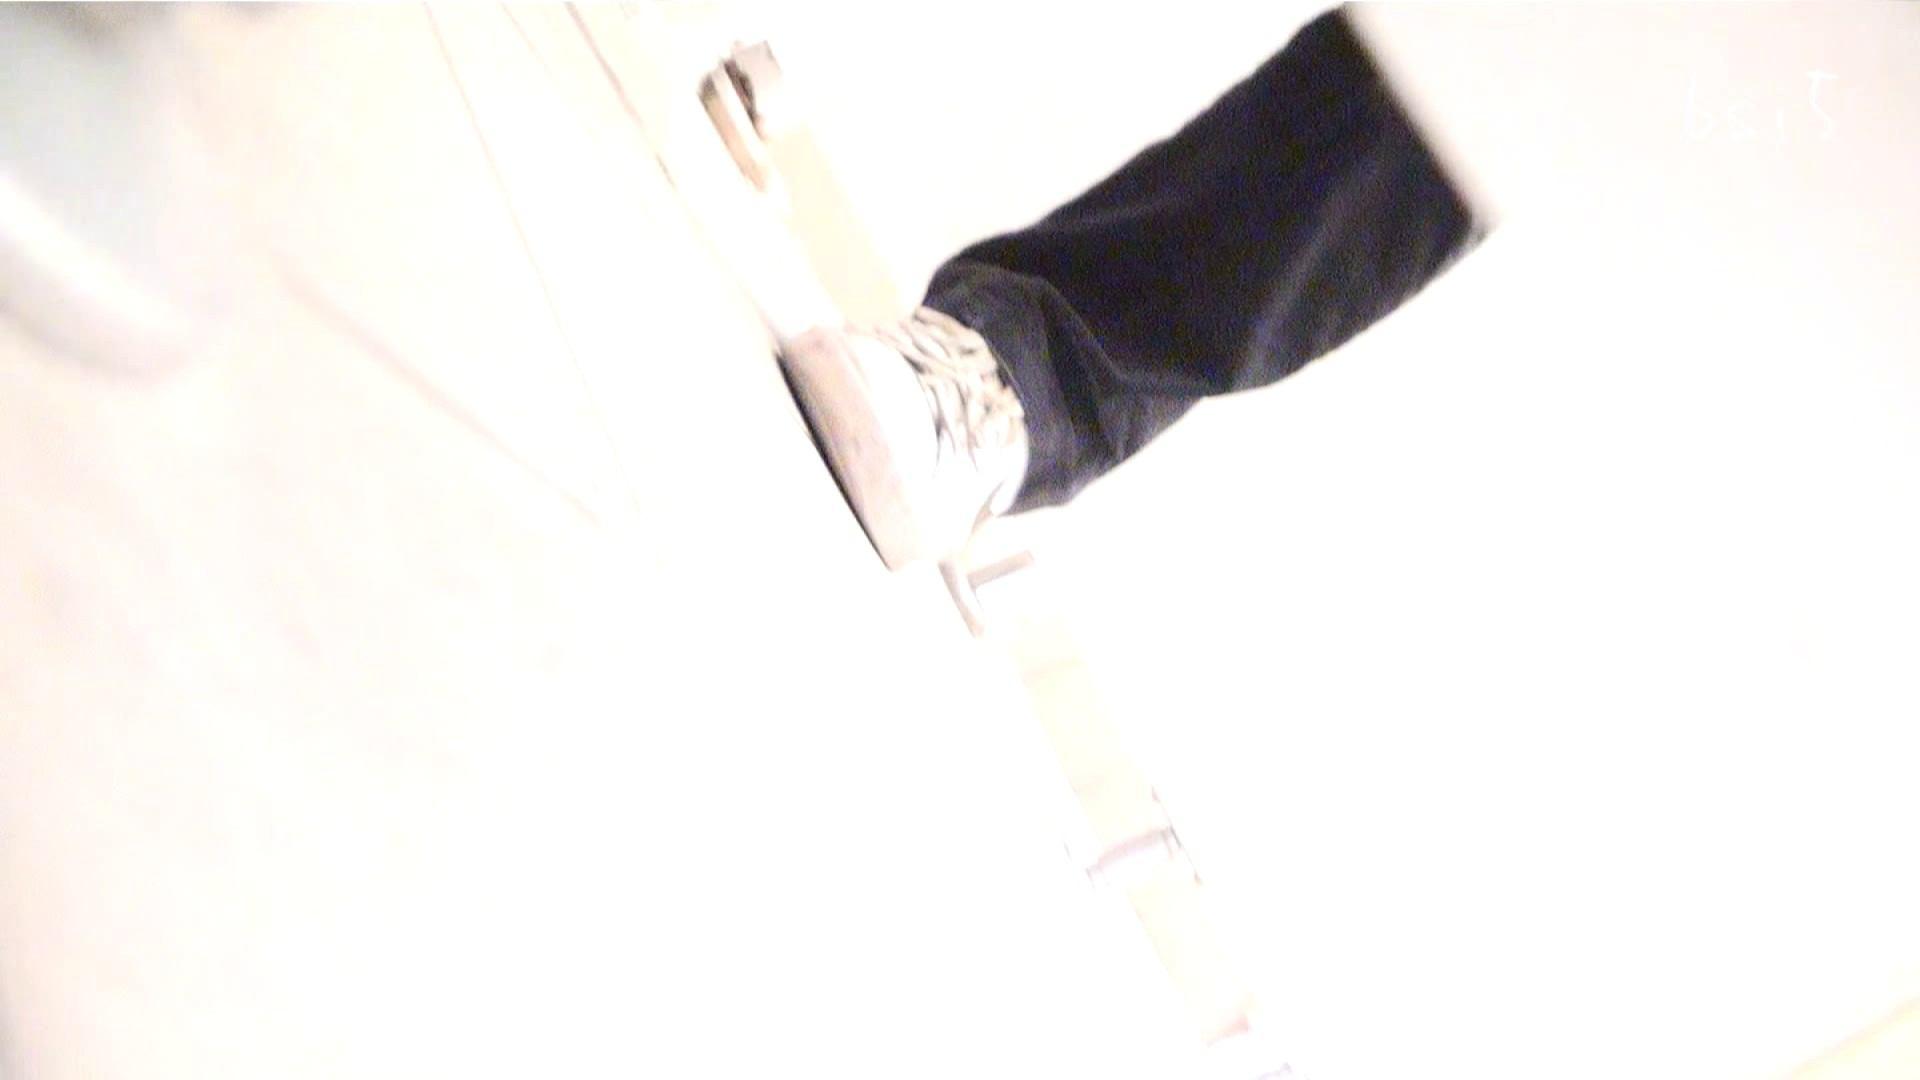 至高下半身盗撮-PREMIUM-【院内病棟編 】 vol.05 美女OL AV無料動画キャプチャ 72連発 46